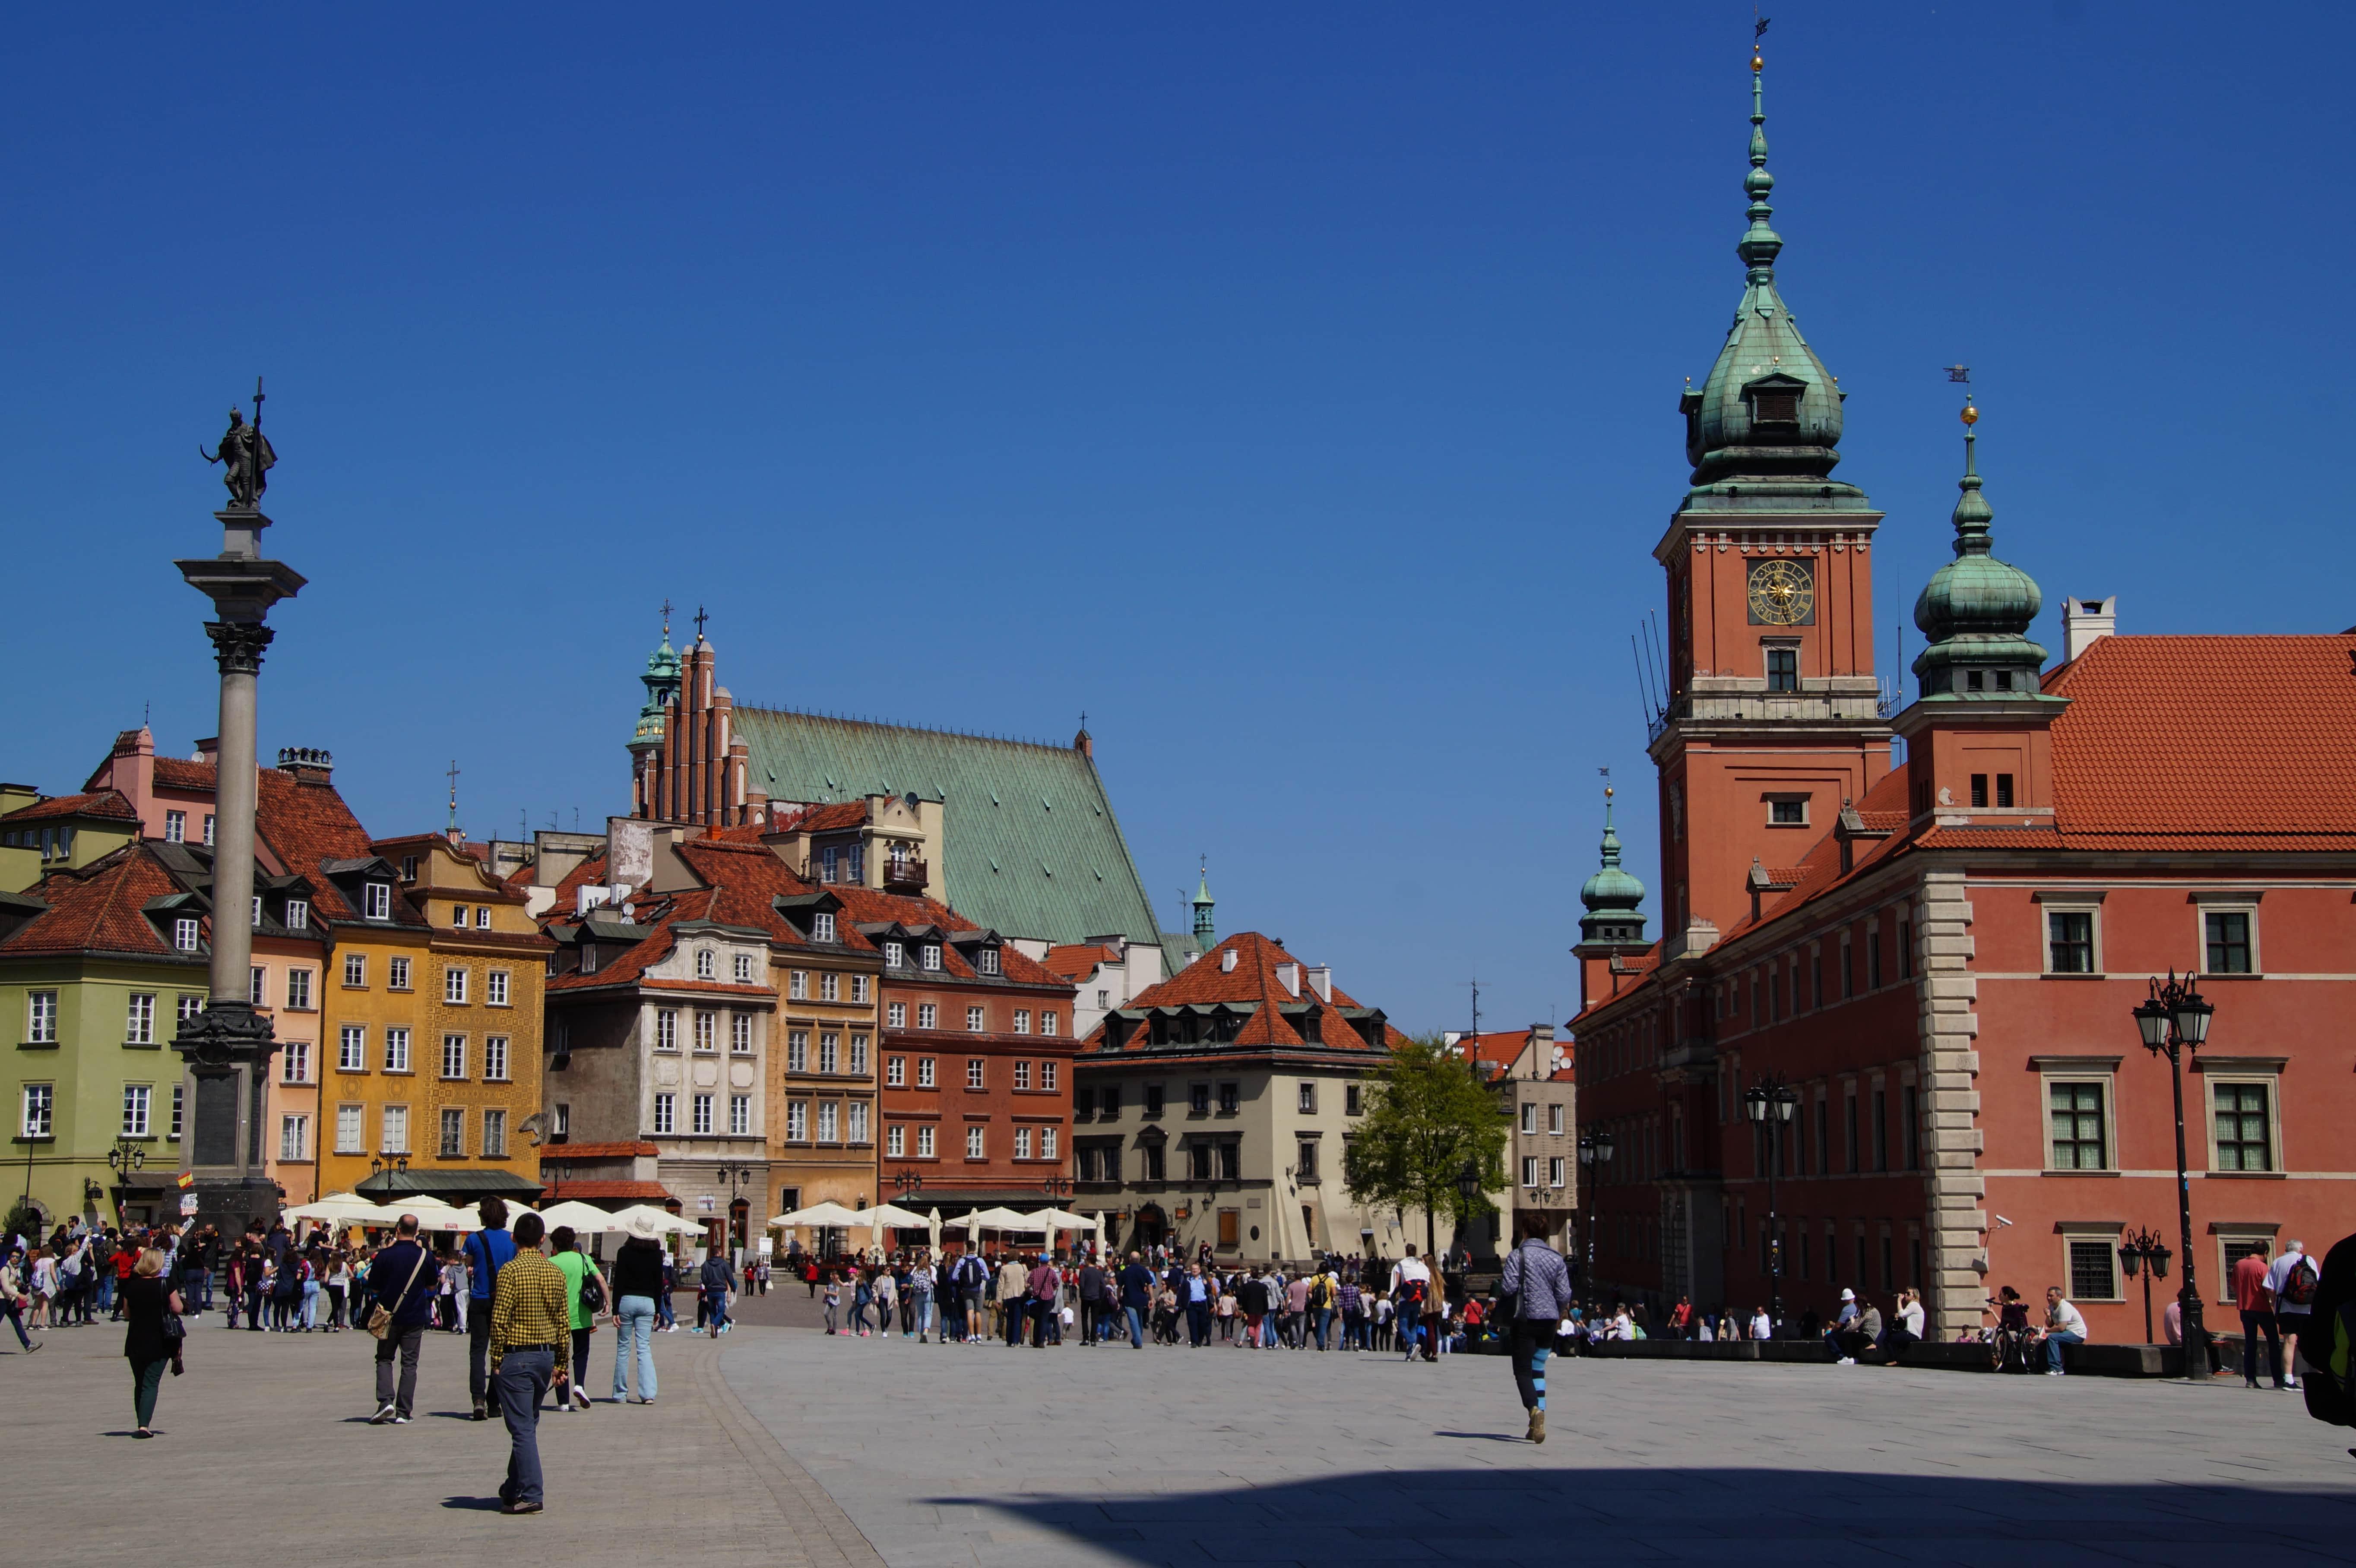 Ein Marktplatz in Warschau in Polen